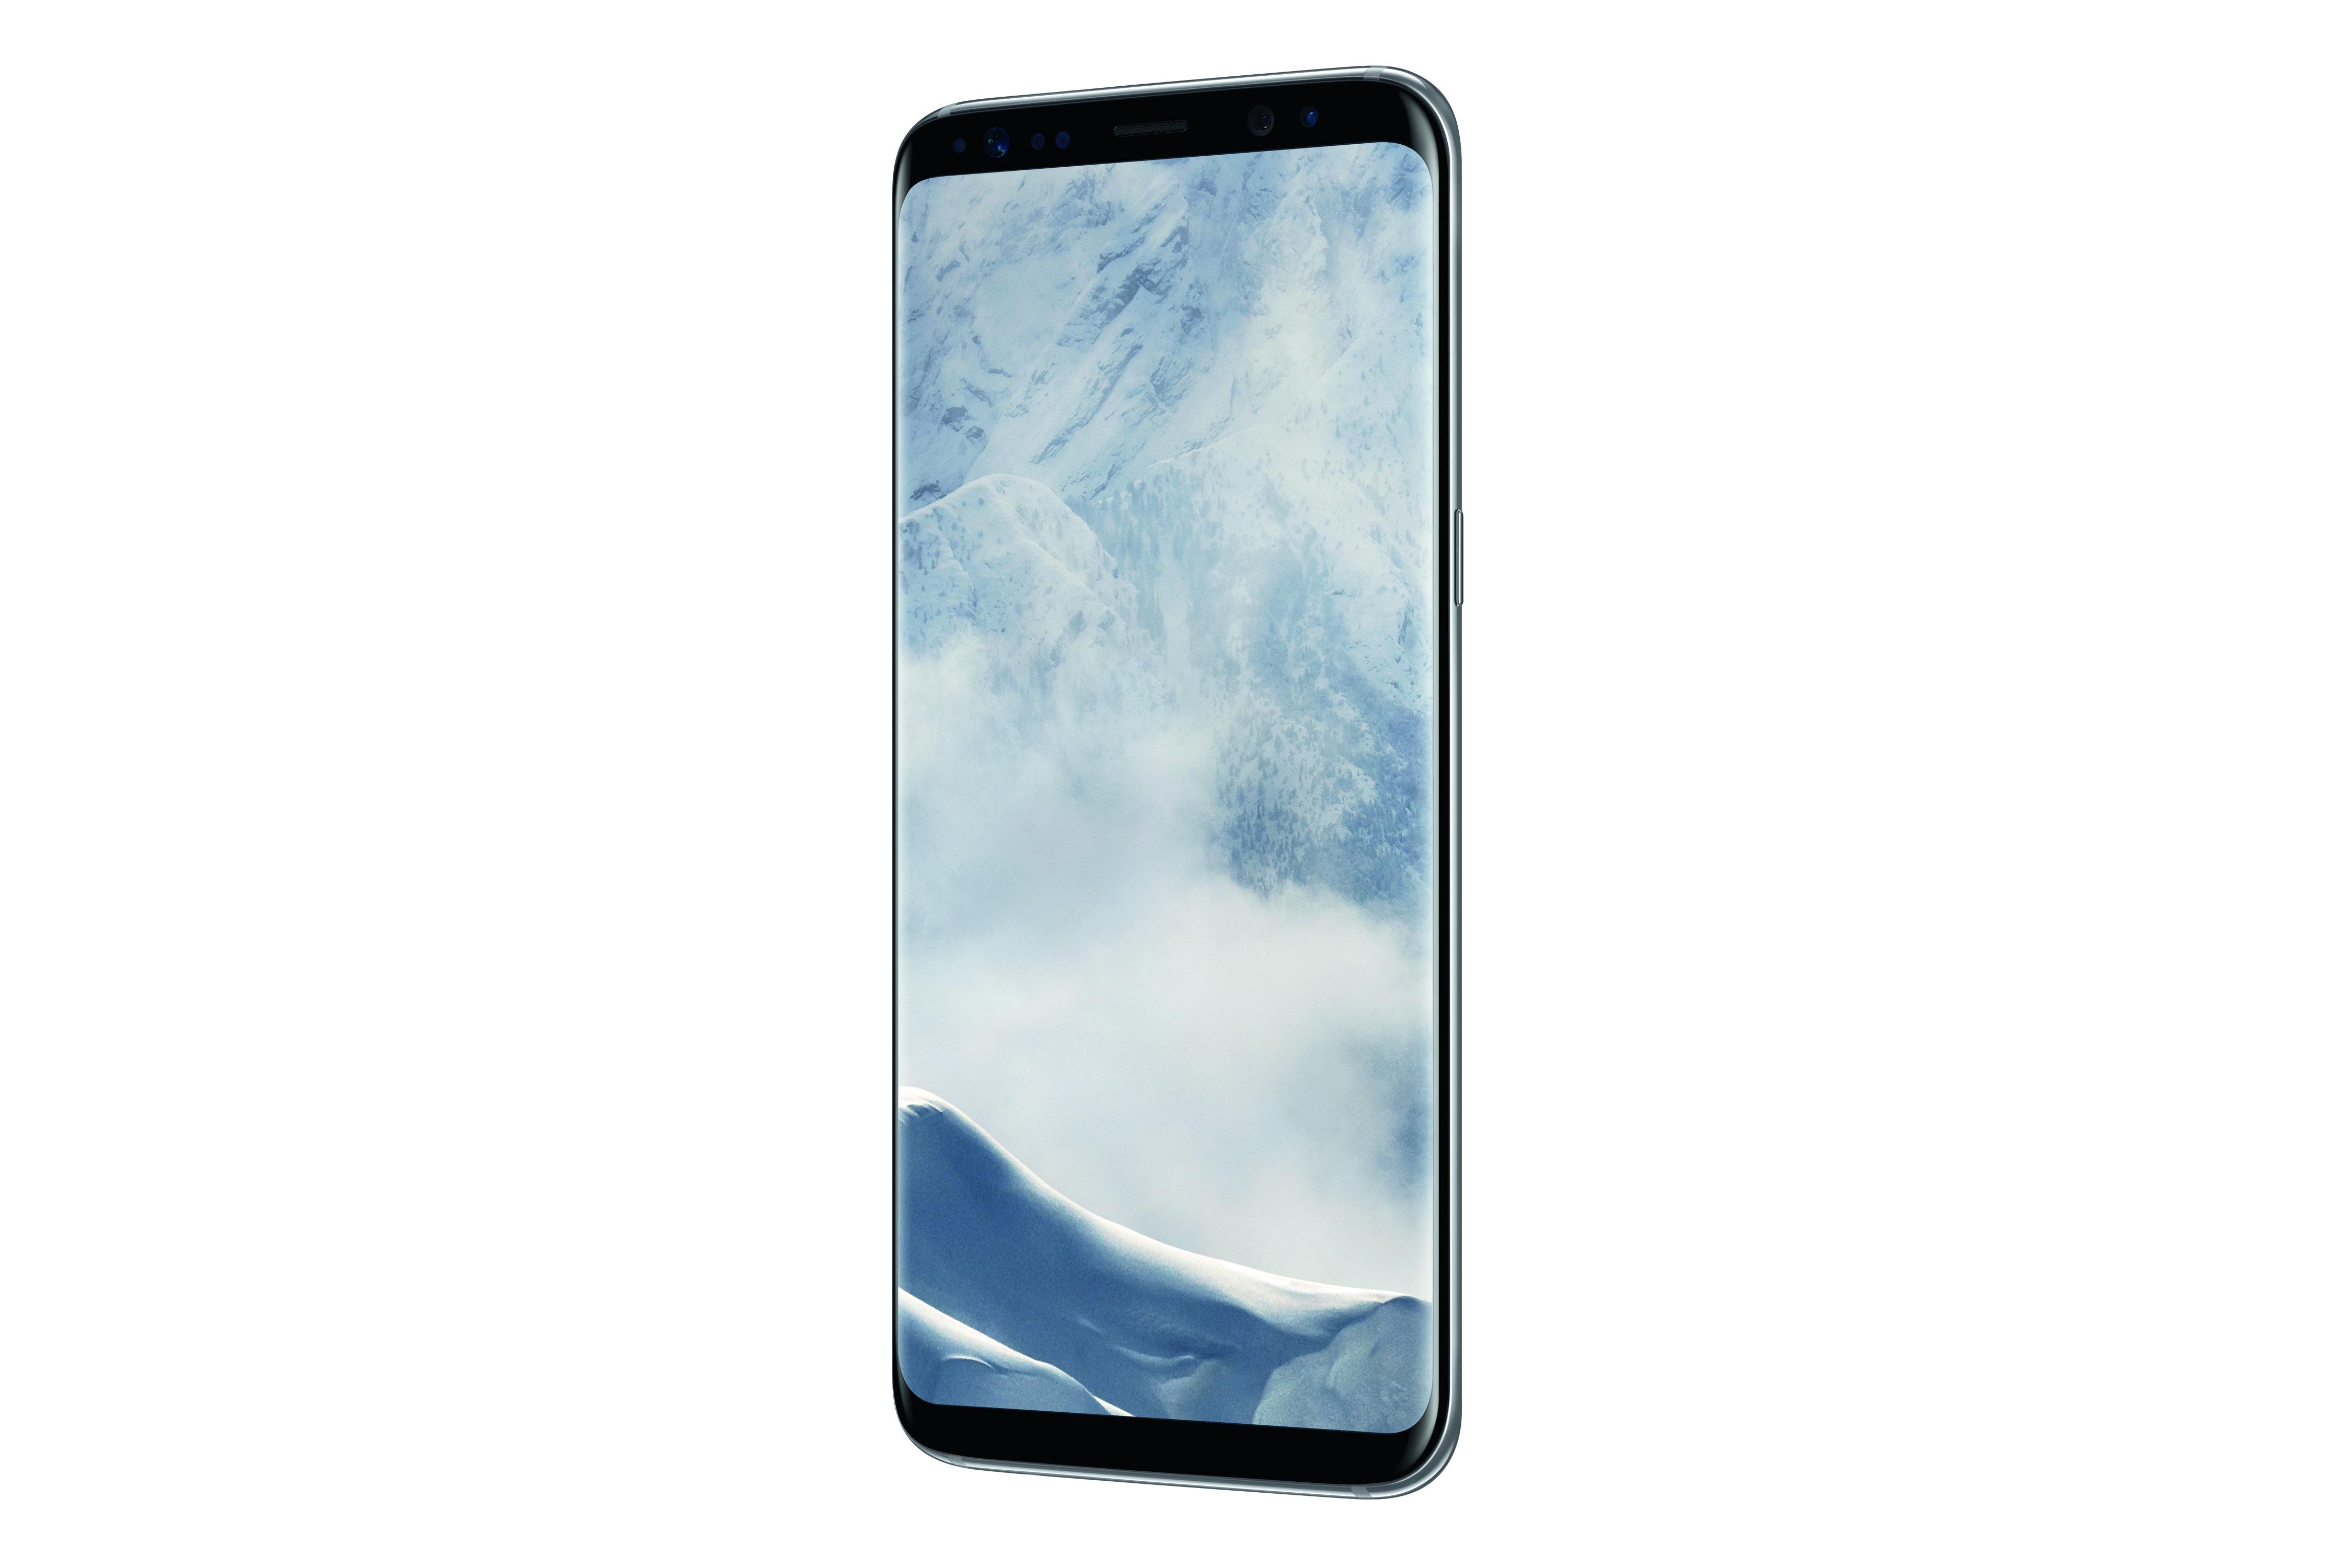 Das neue Samsung Galaxy S8 SM-G950F in Arktis-Silber